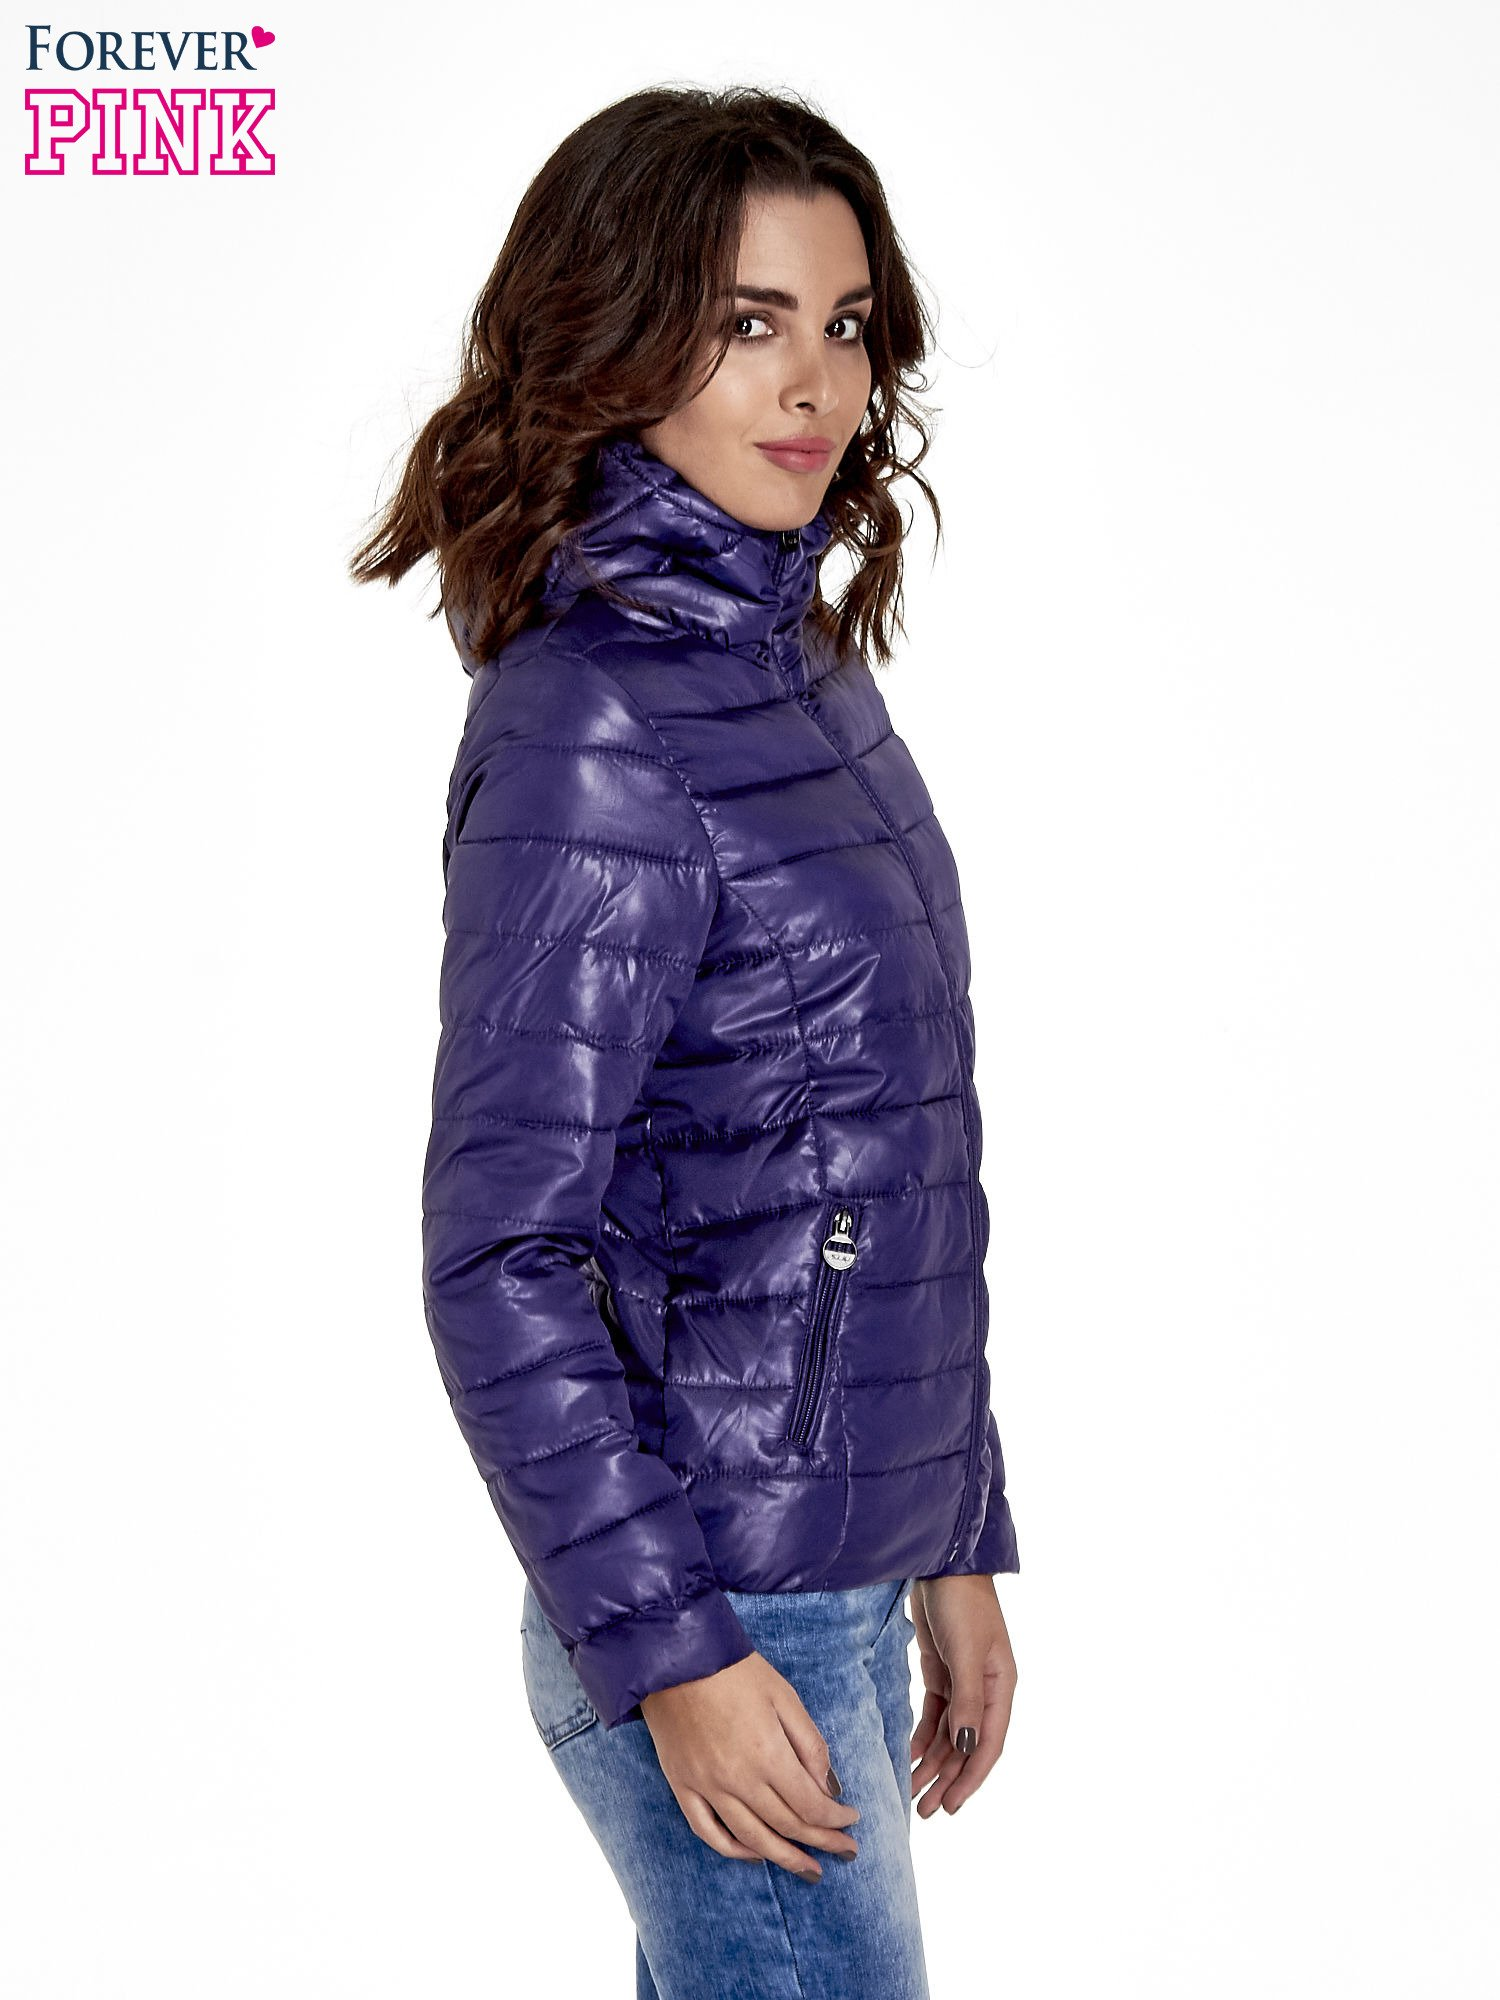 Fioletowa puchowa kurtka z błyszczącego materiału z kapturem                                  zdj.                                  3